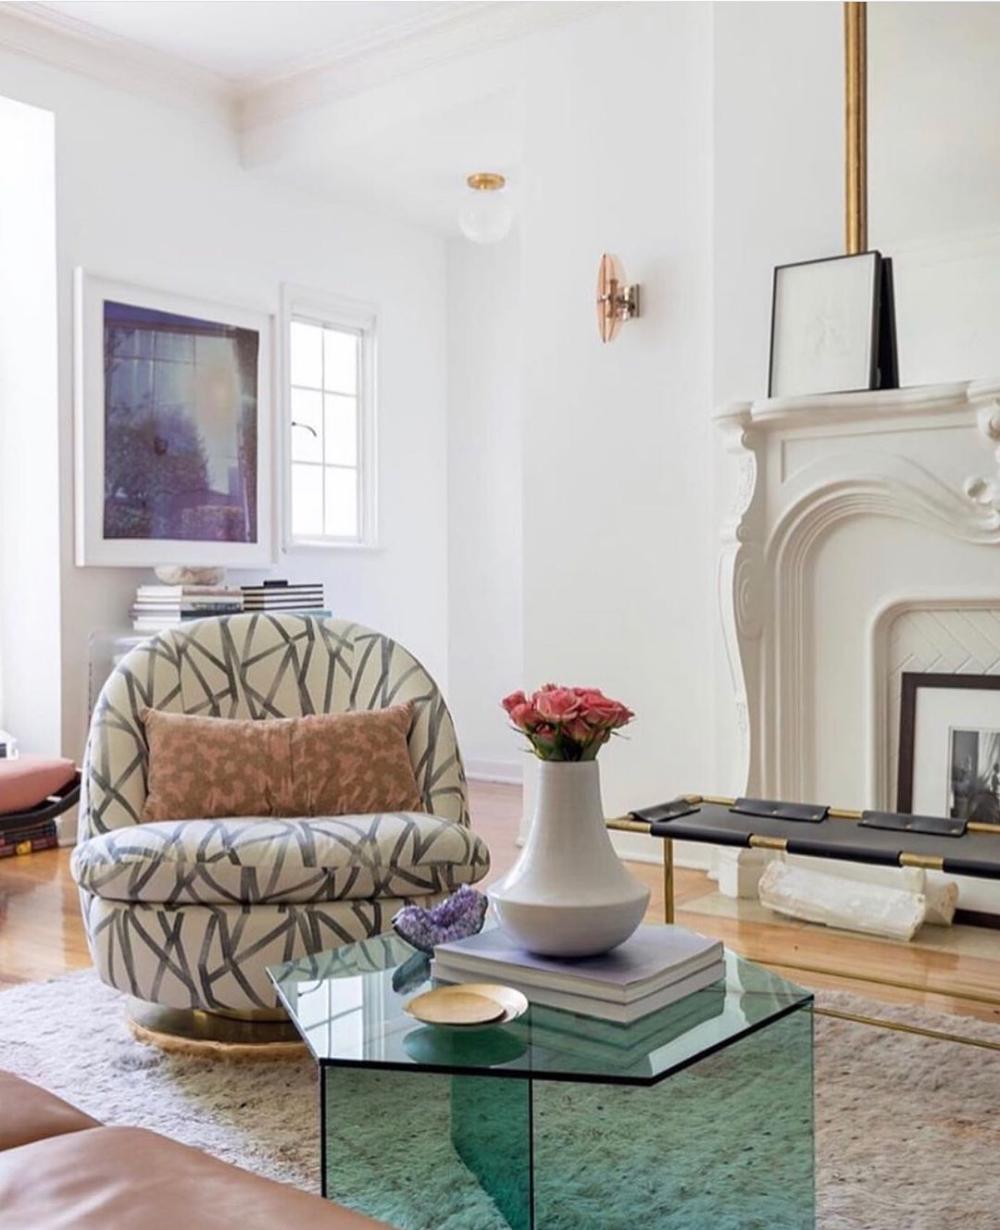 Inexpensive Apartment Interior Design Ideas in 2020